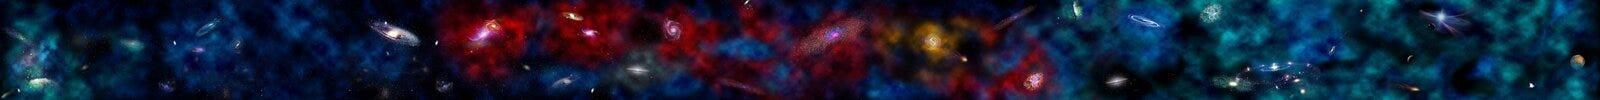 κόσμος αστεριών ανασκόπησ στοκ εικόνα με δικαίωμα ελεύθερης χρήσης